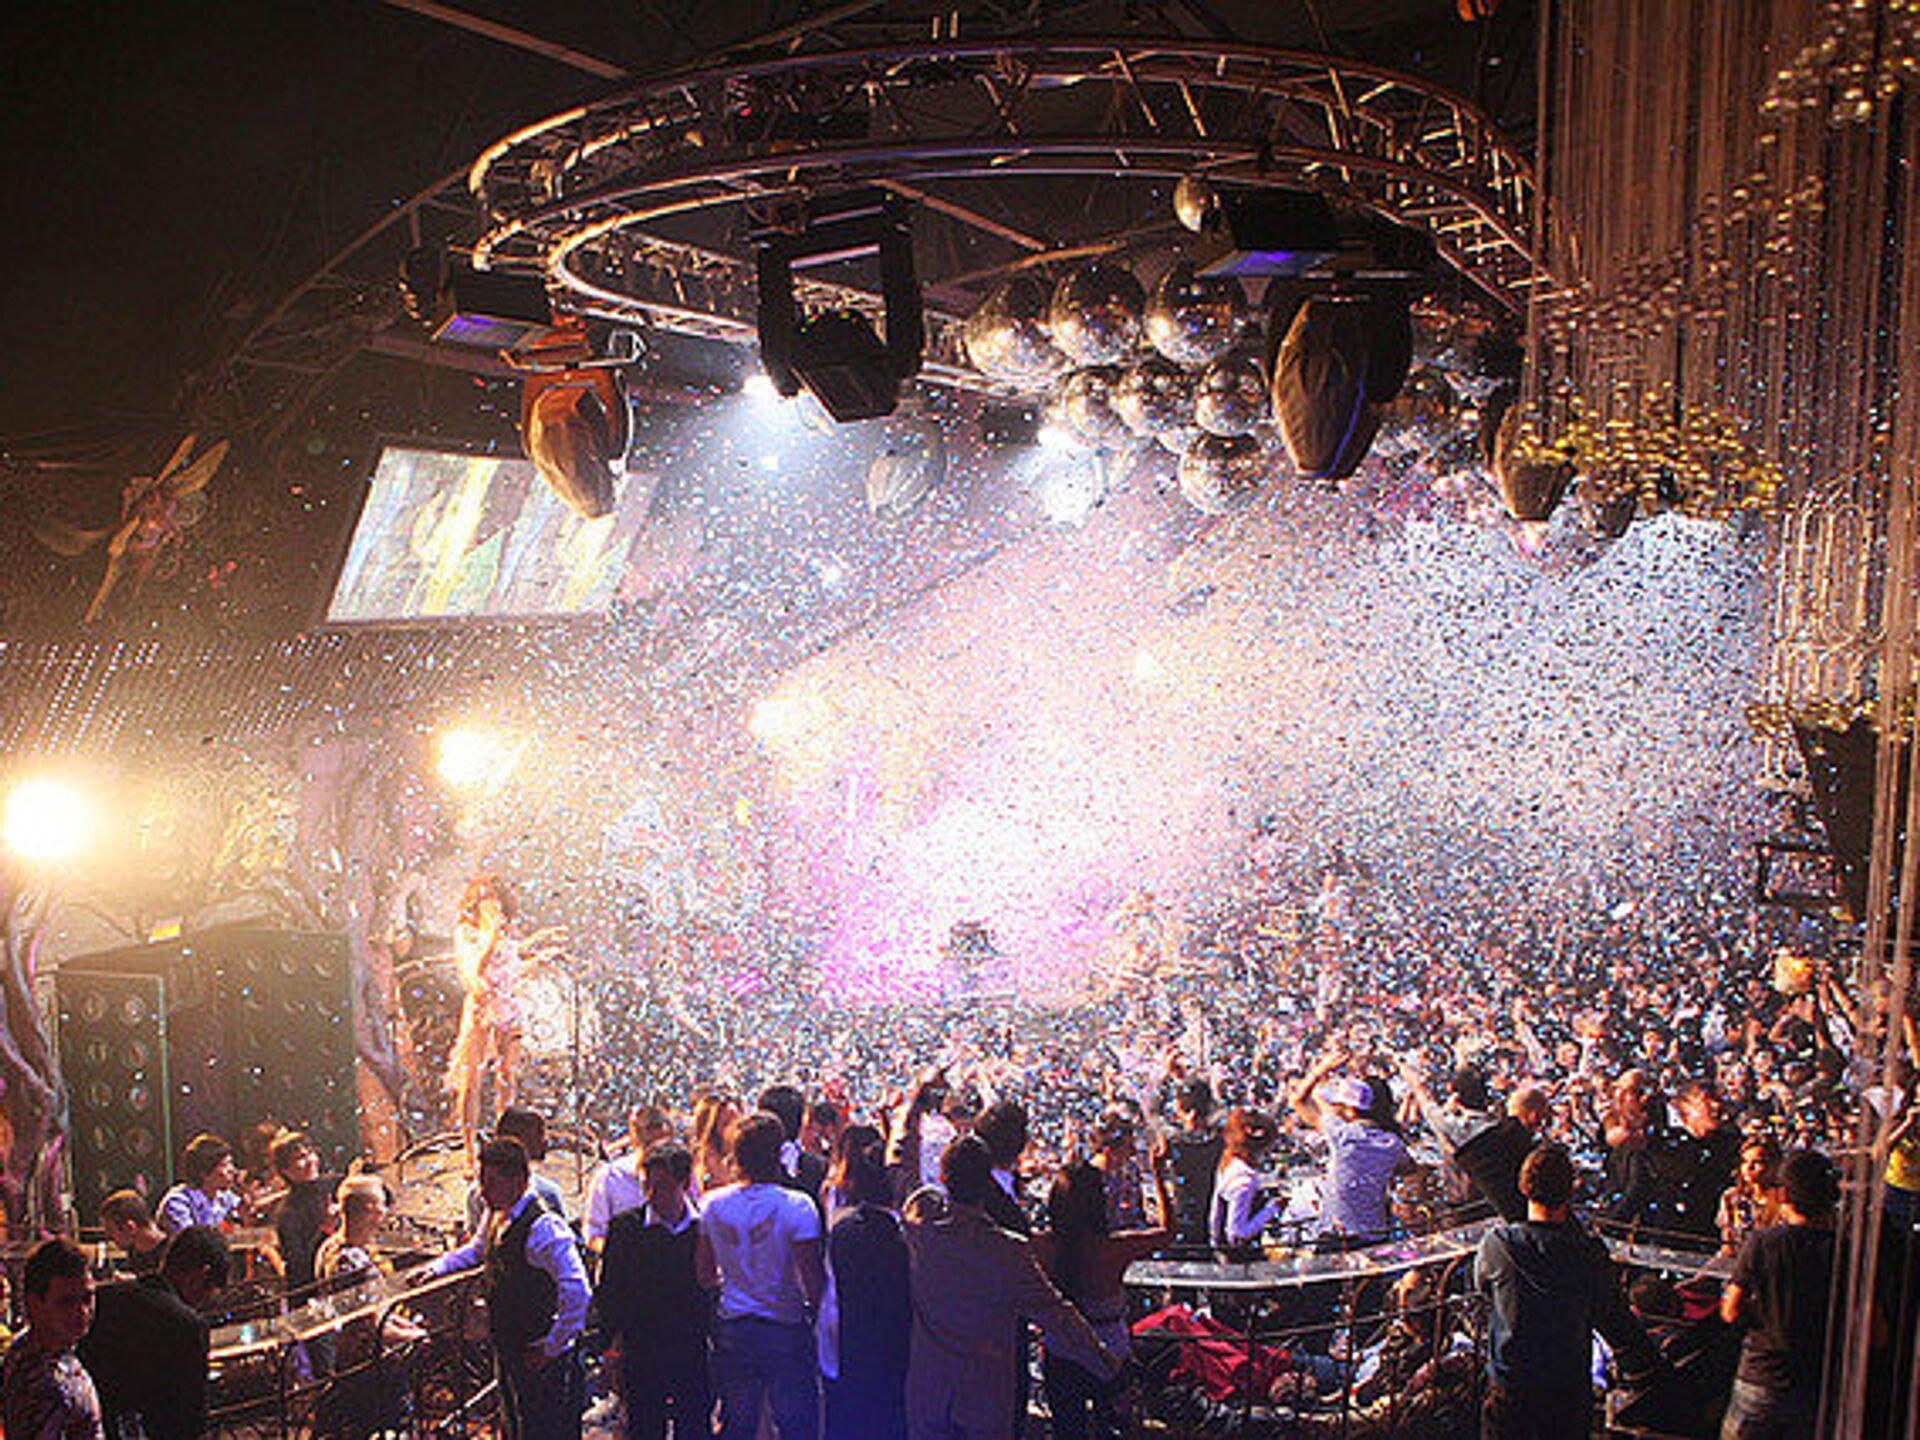 Почему клуб рай в москве закрыли досуг в закрытых клубах